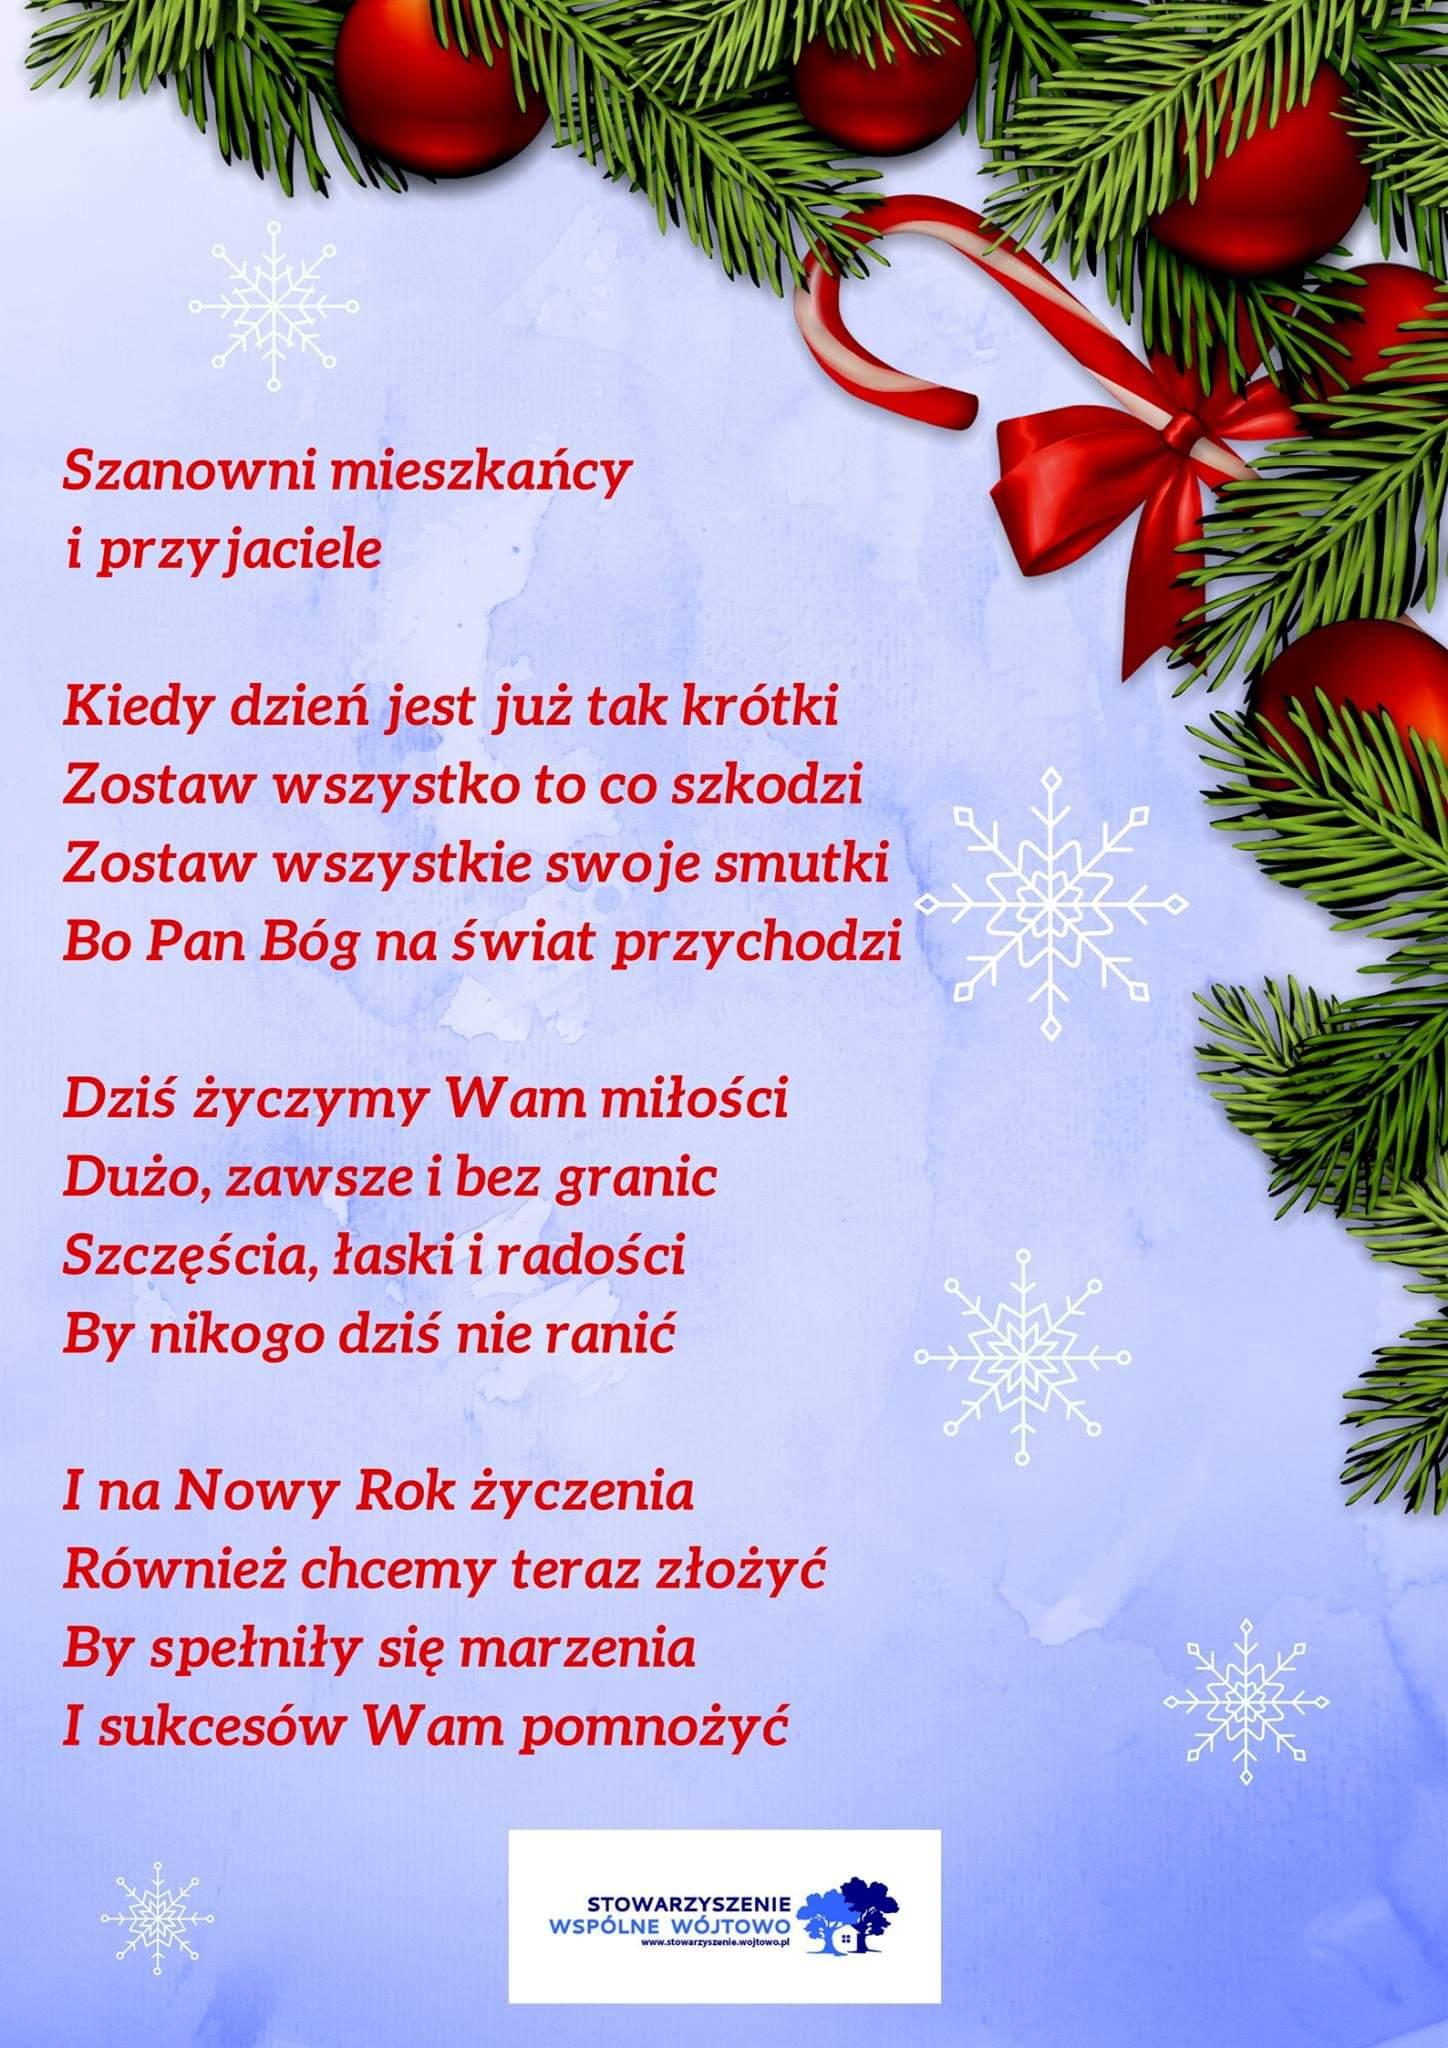 życzenia Na Boże Narodzenie 2018 Stowarzyszenie Wspólne